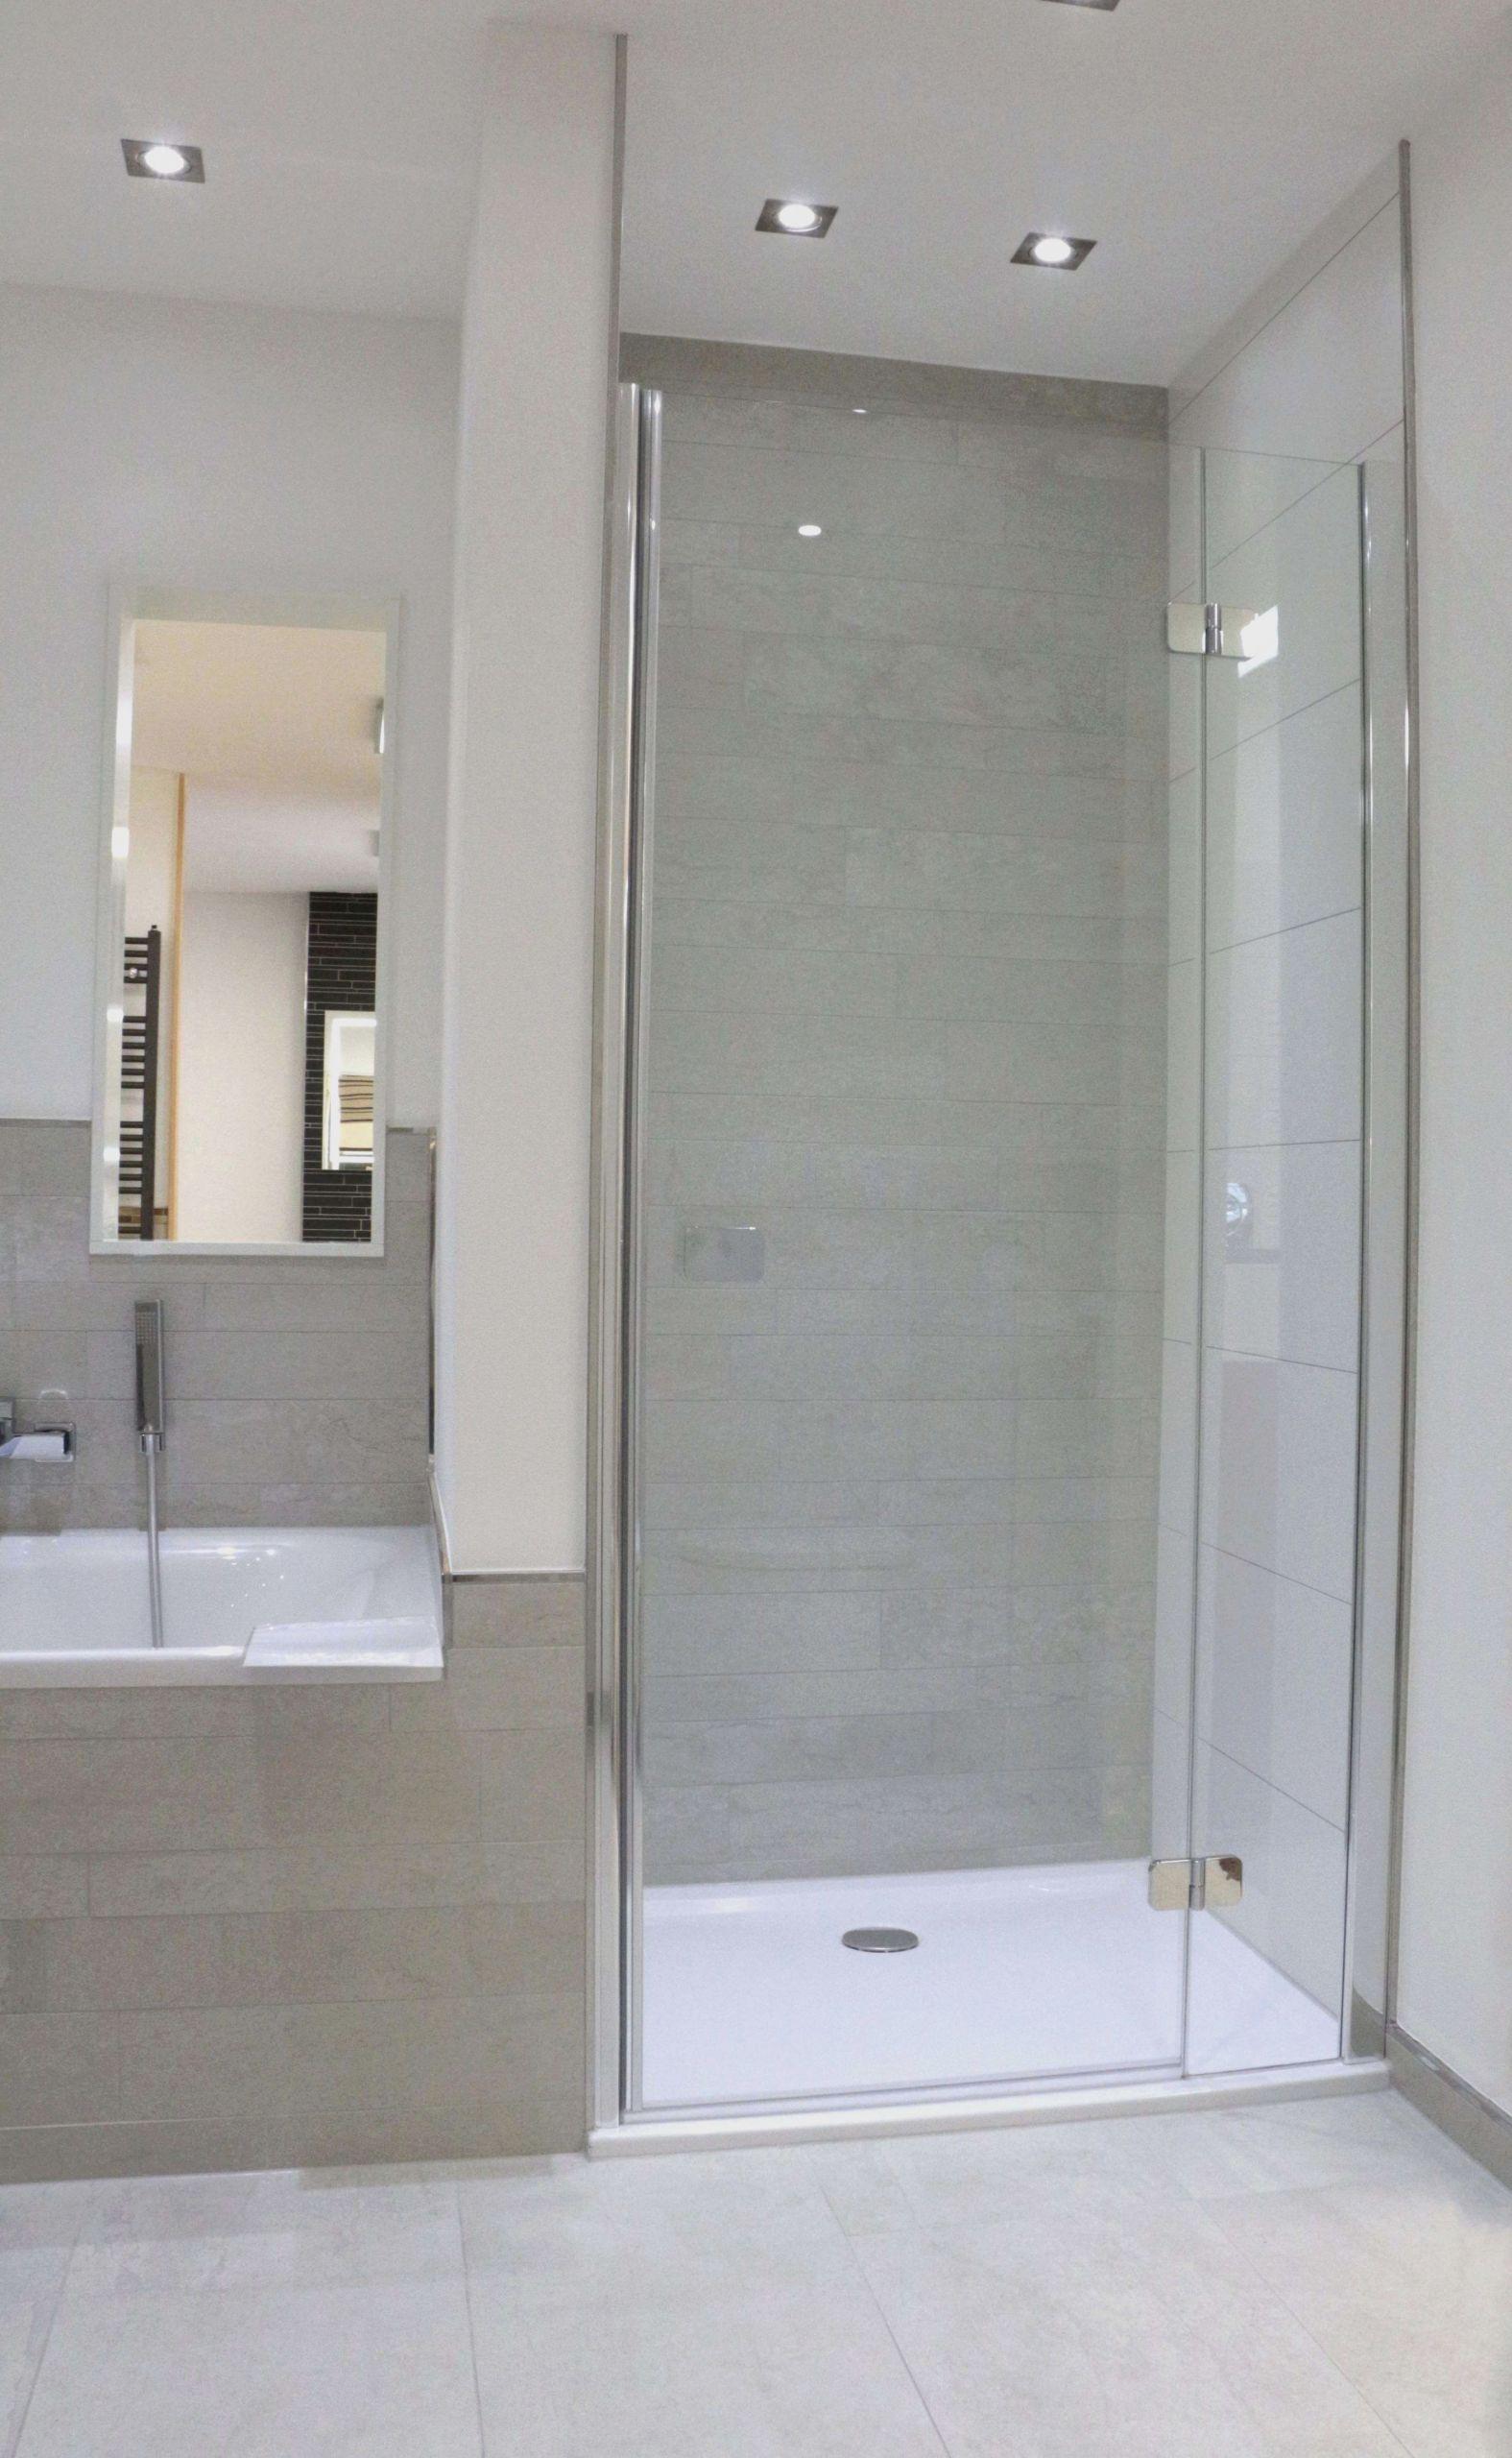 Full Size of Begehbare Duschen Dusche Bauen Fliesen Bodengleiche Hüppe Kaufen Schulte Breuer Moderne Hsk Werksverkauf Sprinz Ohne Tür Dusche Begehbare Duschen